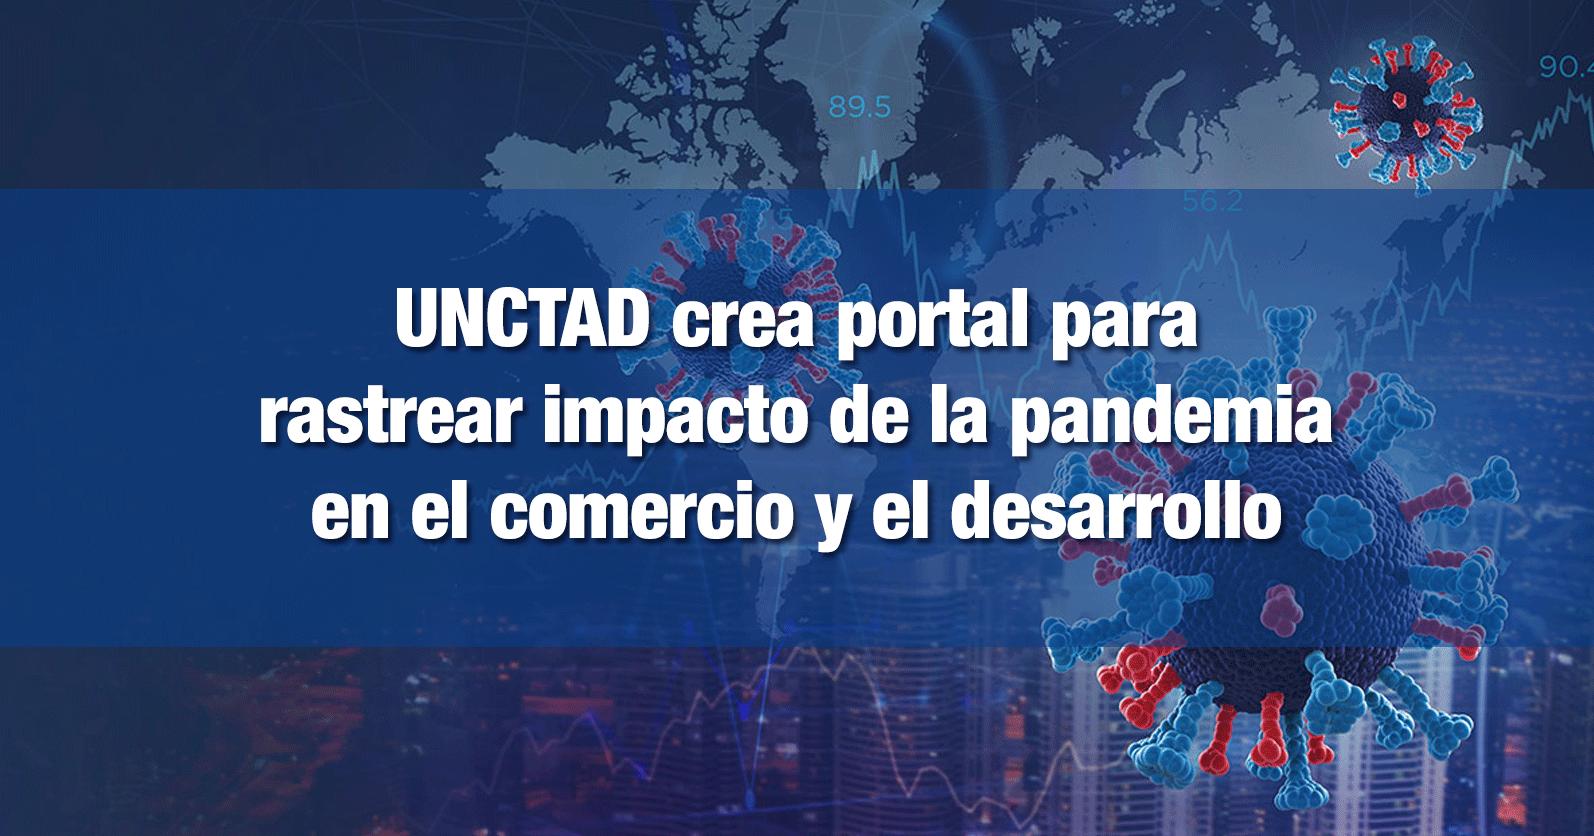 UNCTAD crea portal para rastrear impacto de la pandemia en el comercio y el desarrollo